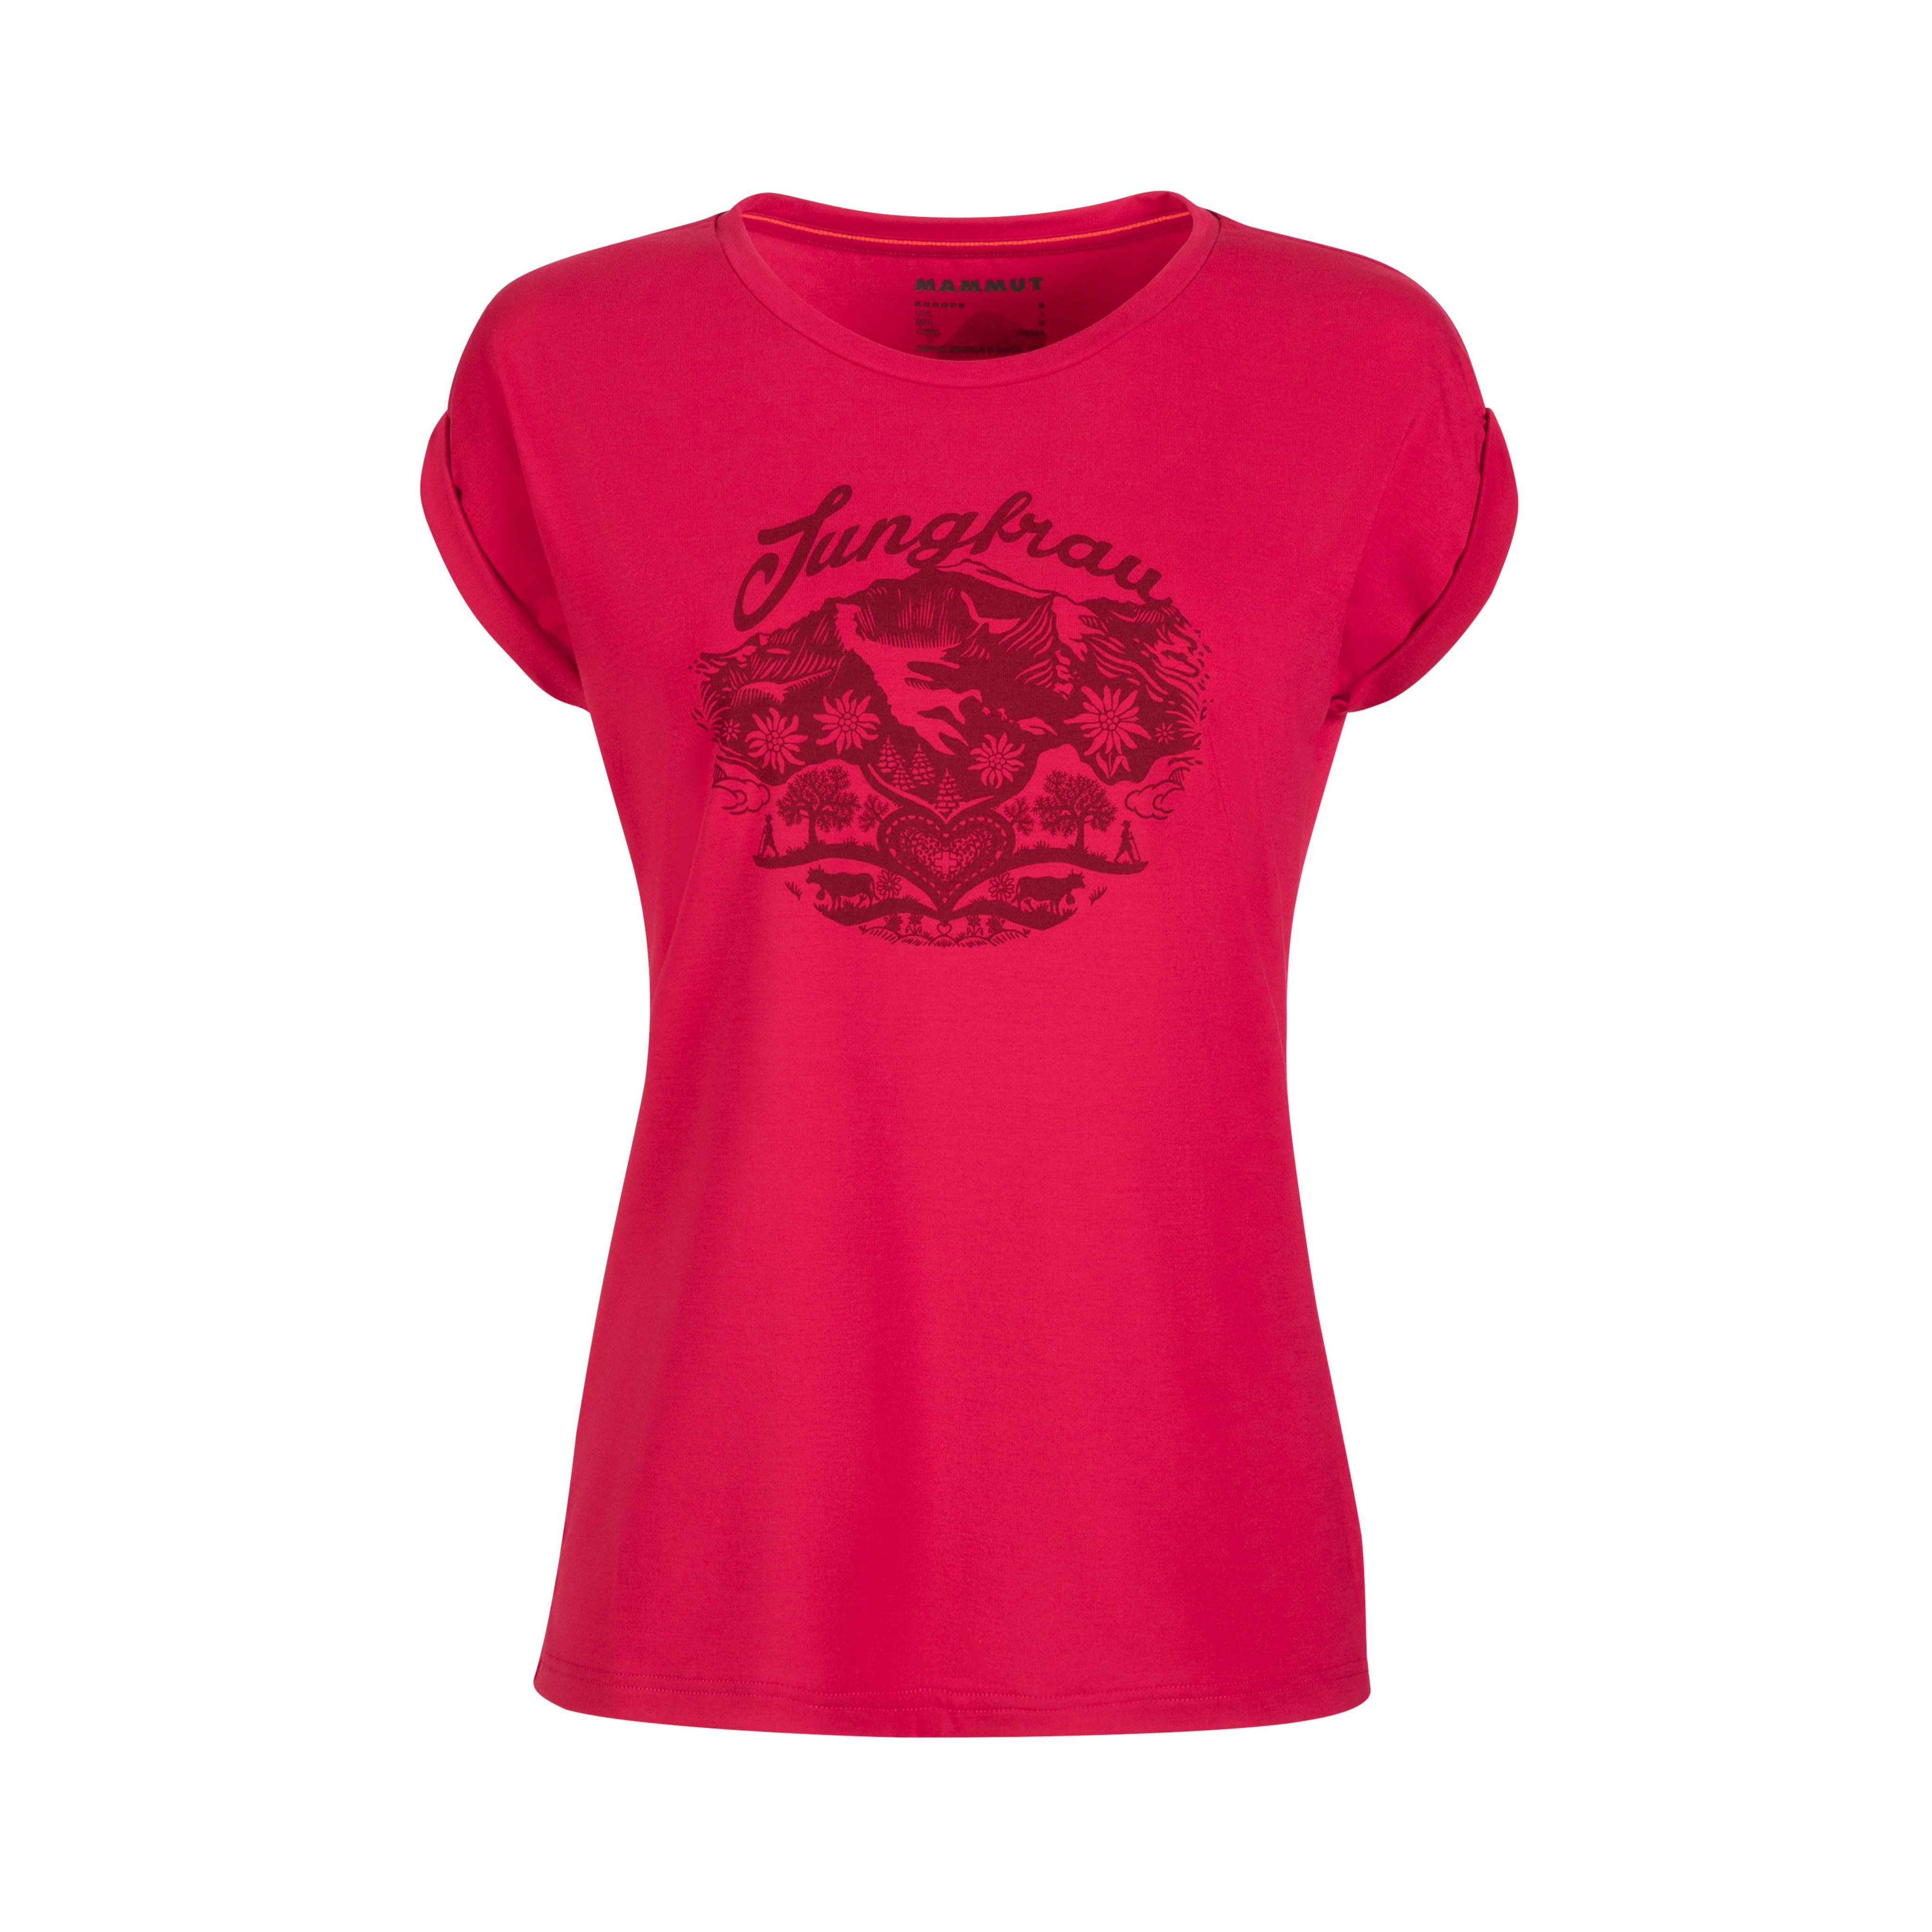 Mountain T-Shirt Women - sundown, XS thumbnail